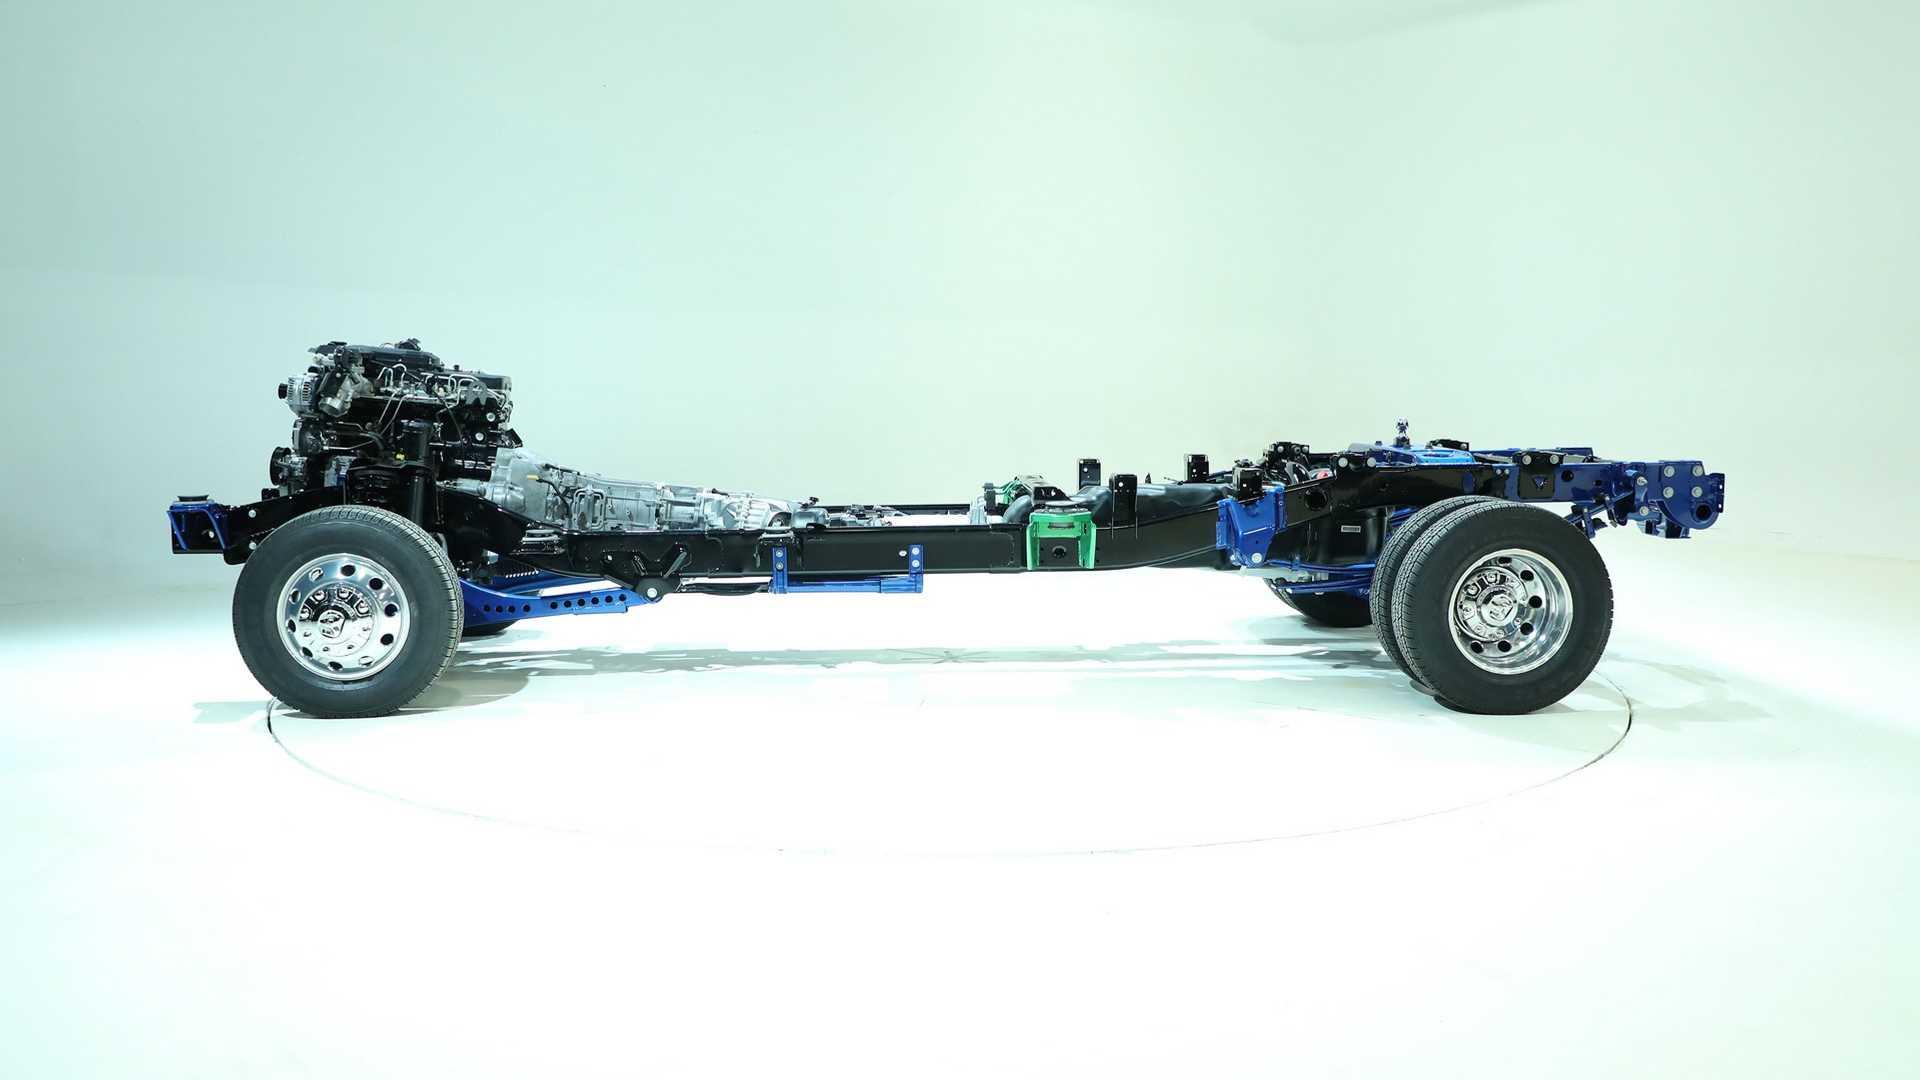 2019-ram-heavy-duty-powertrain-technologies (31)